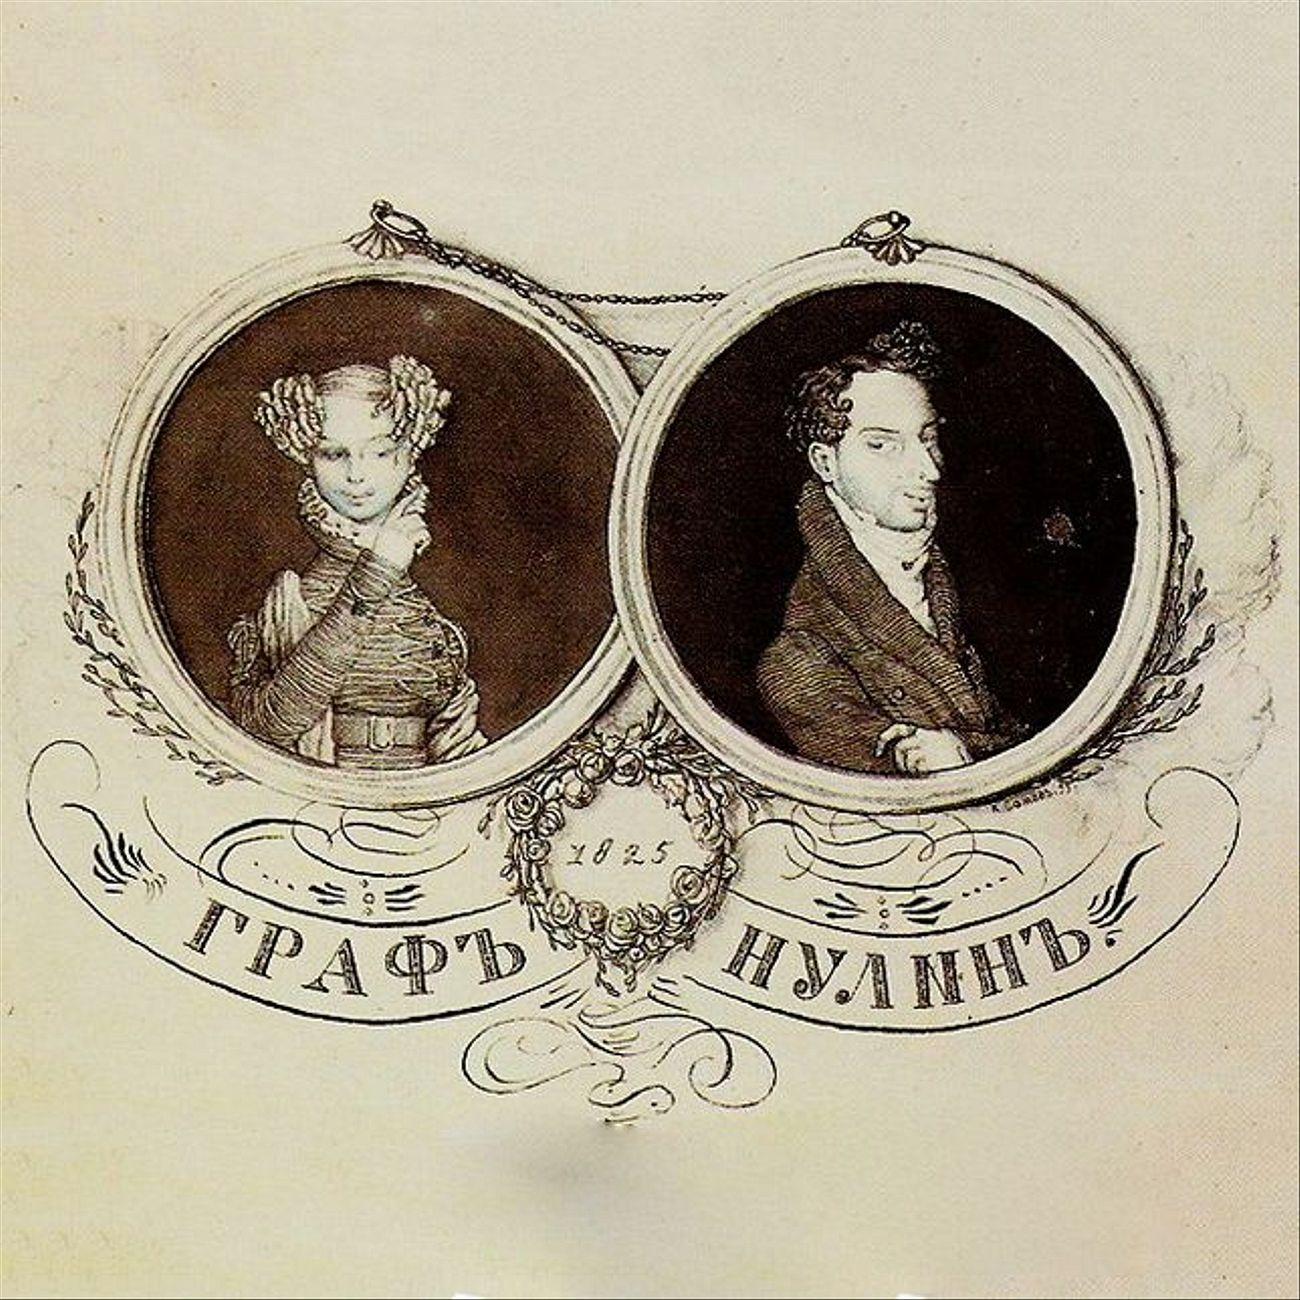 Граф Нулин (А.С. Пушкин)